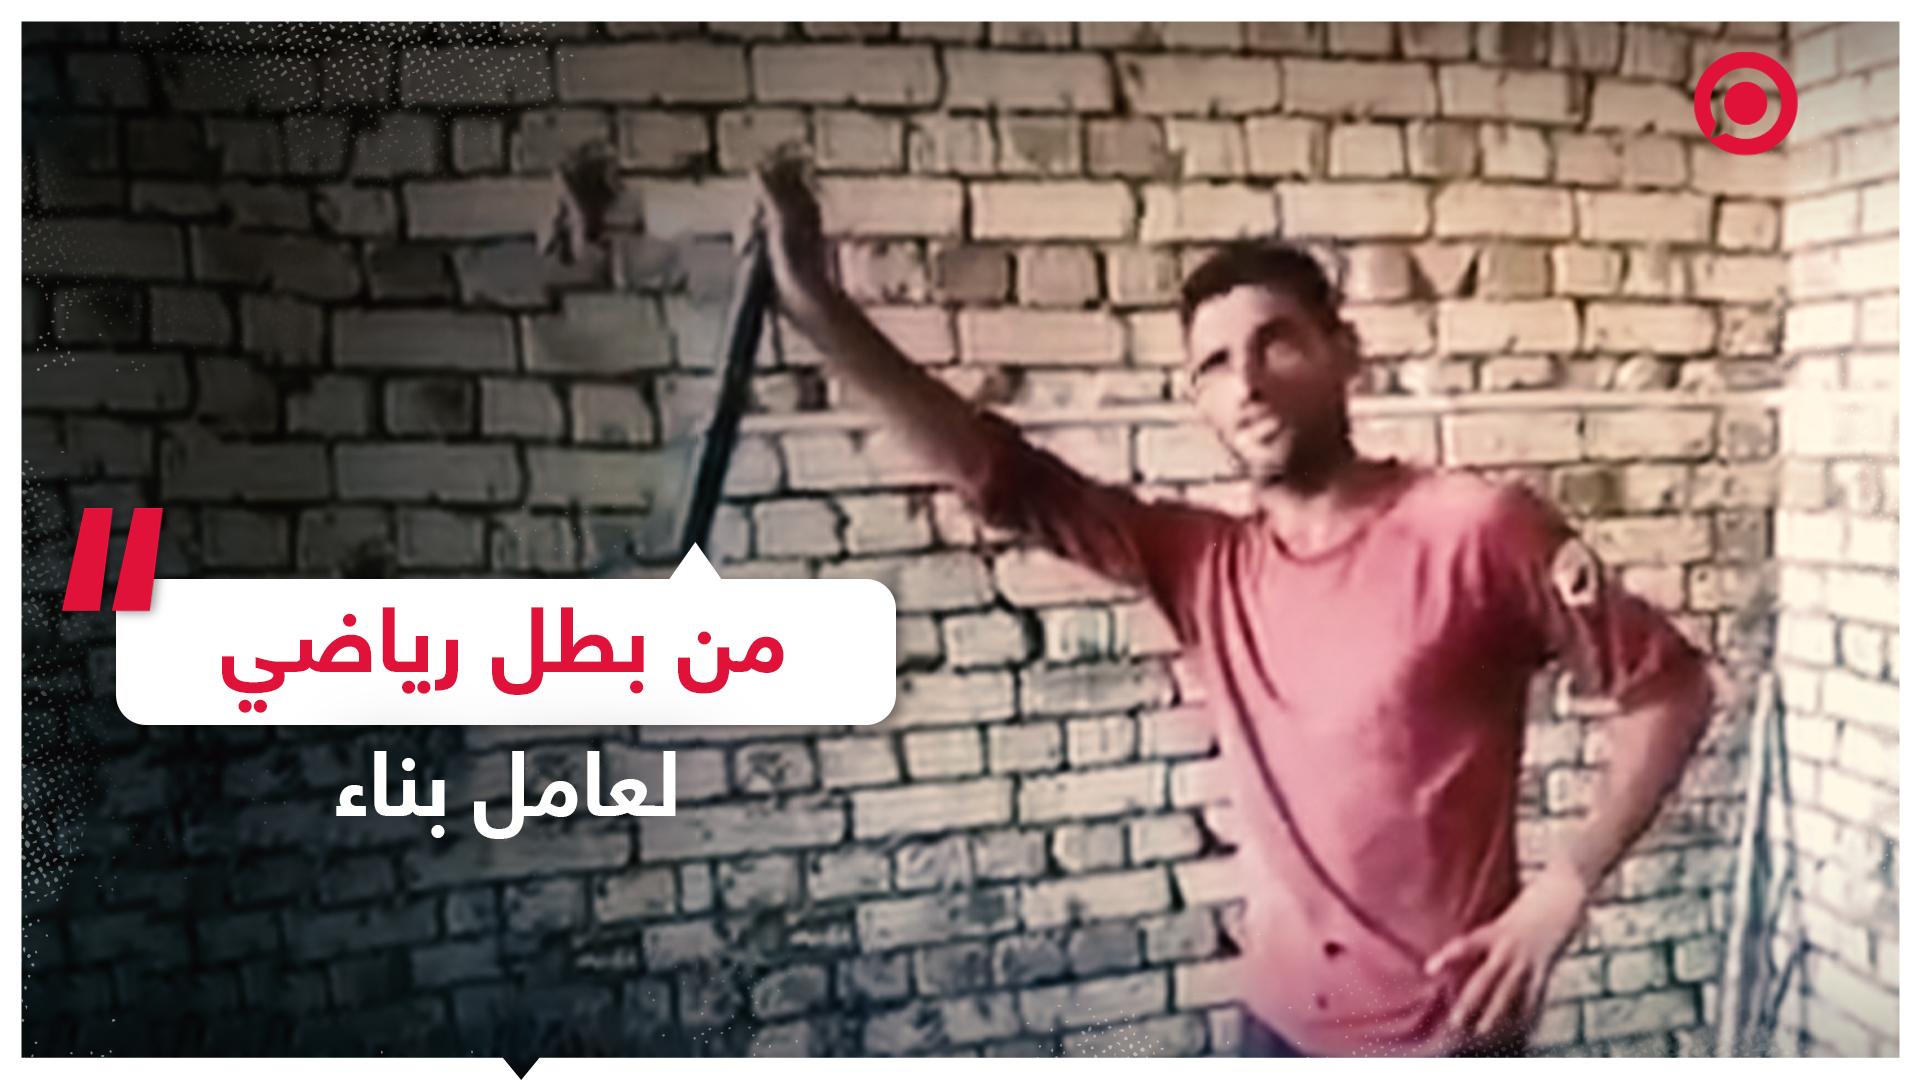 بطل عراقي حقق ألقابا عدة يعمل الآن في البناء